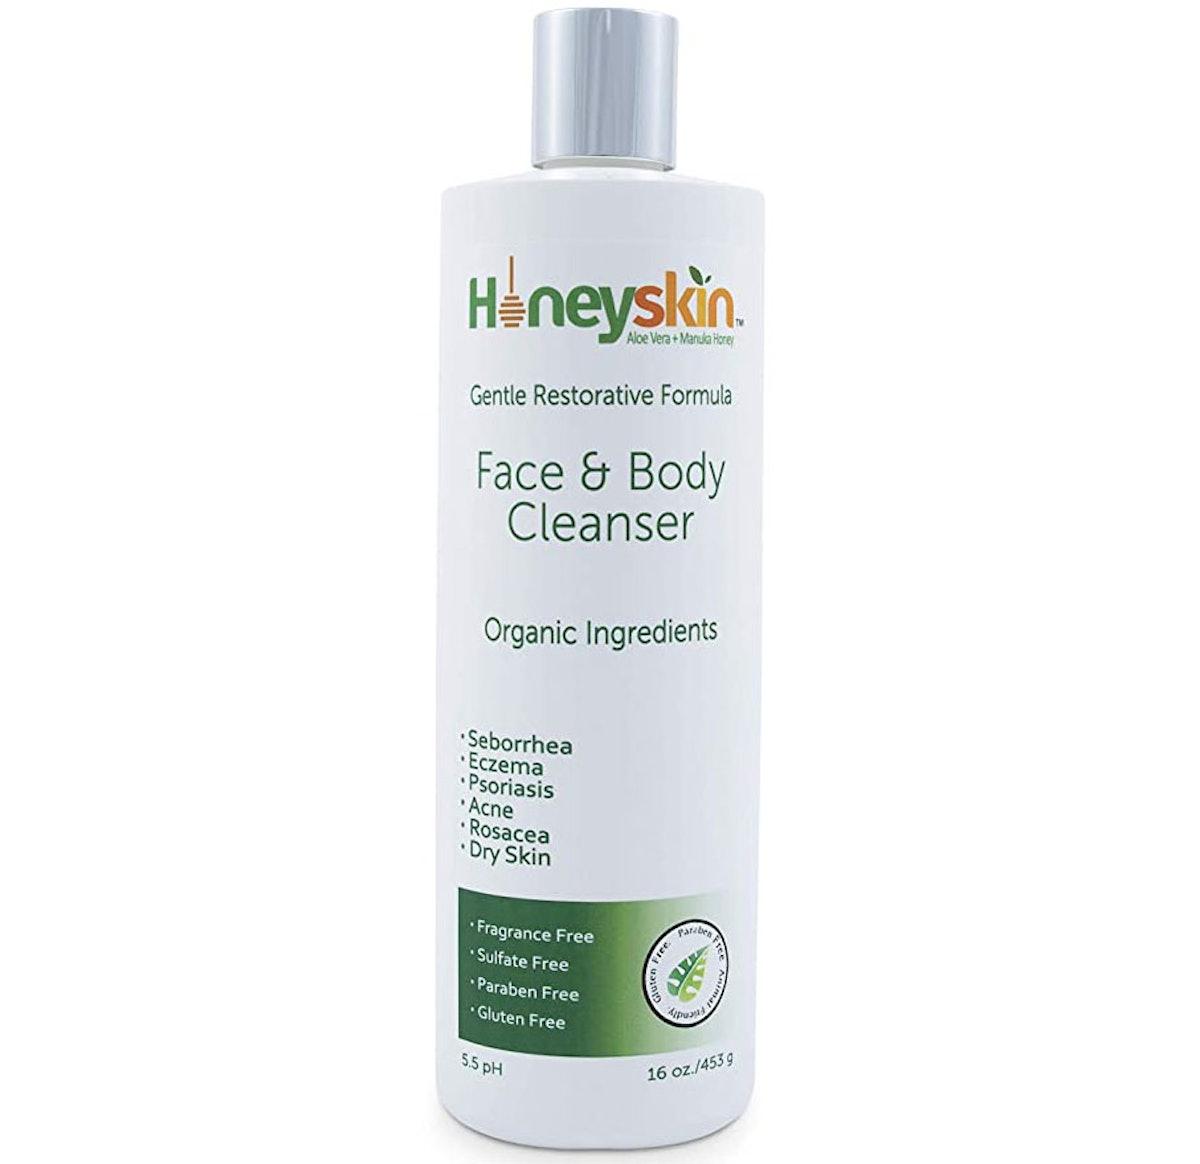 Honeyskin Face & Body Cleanser